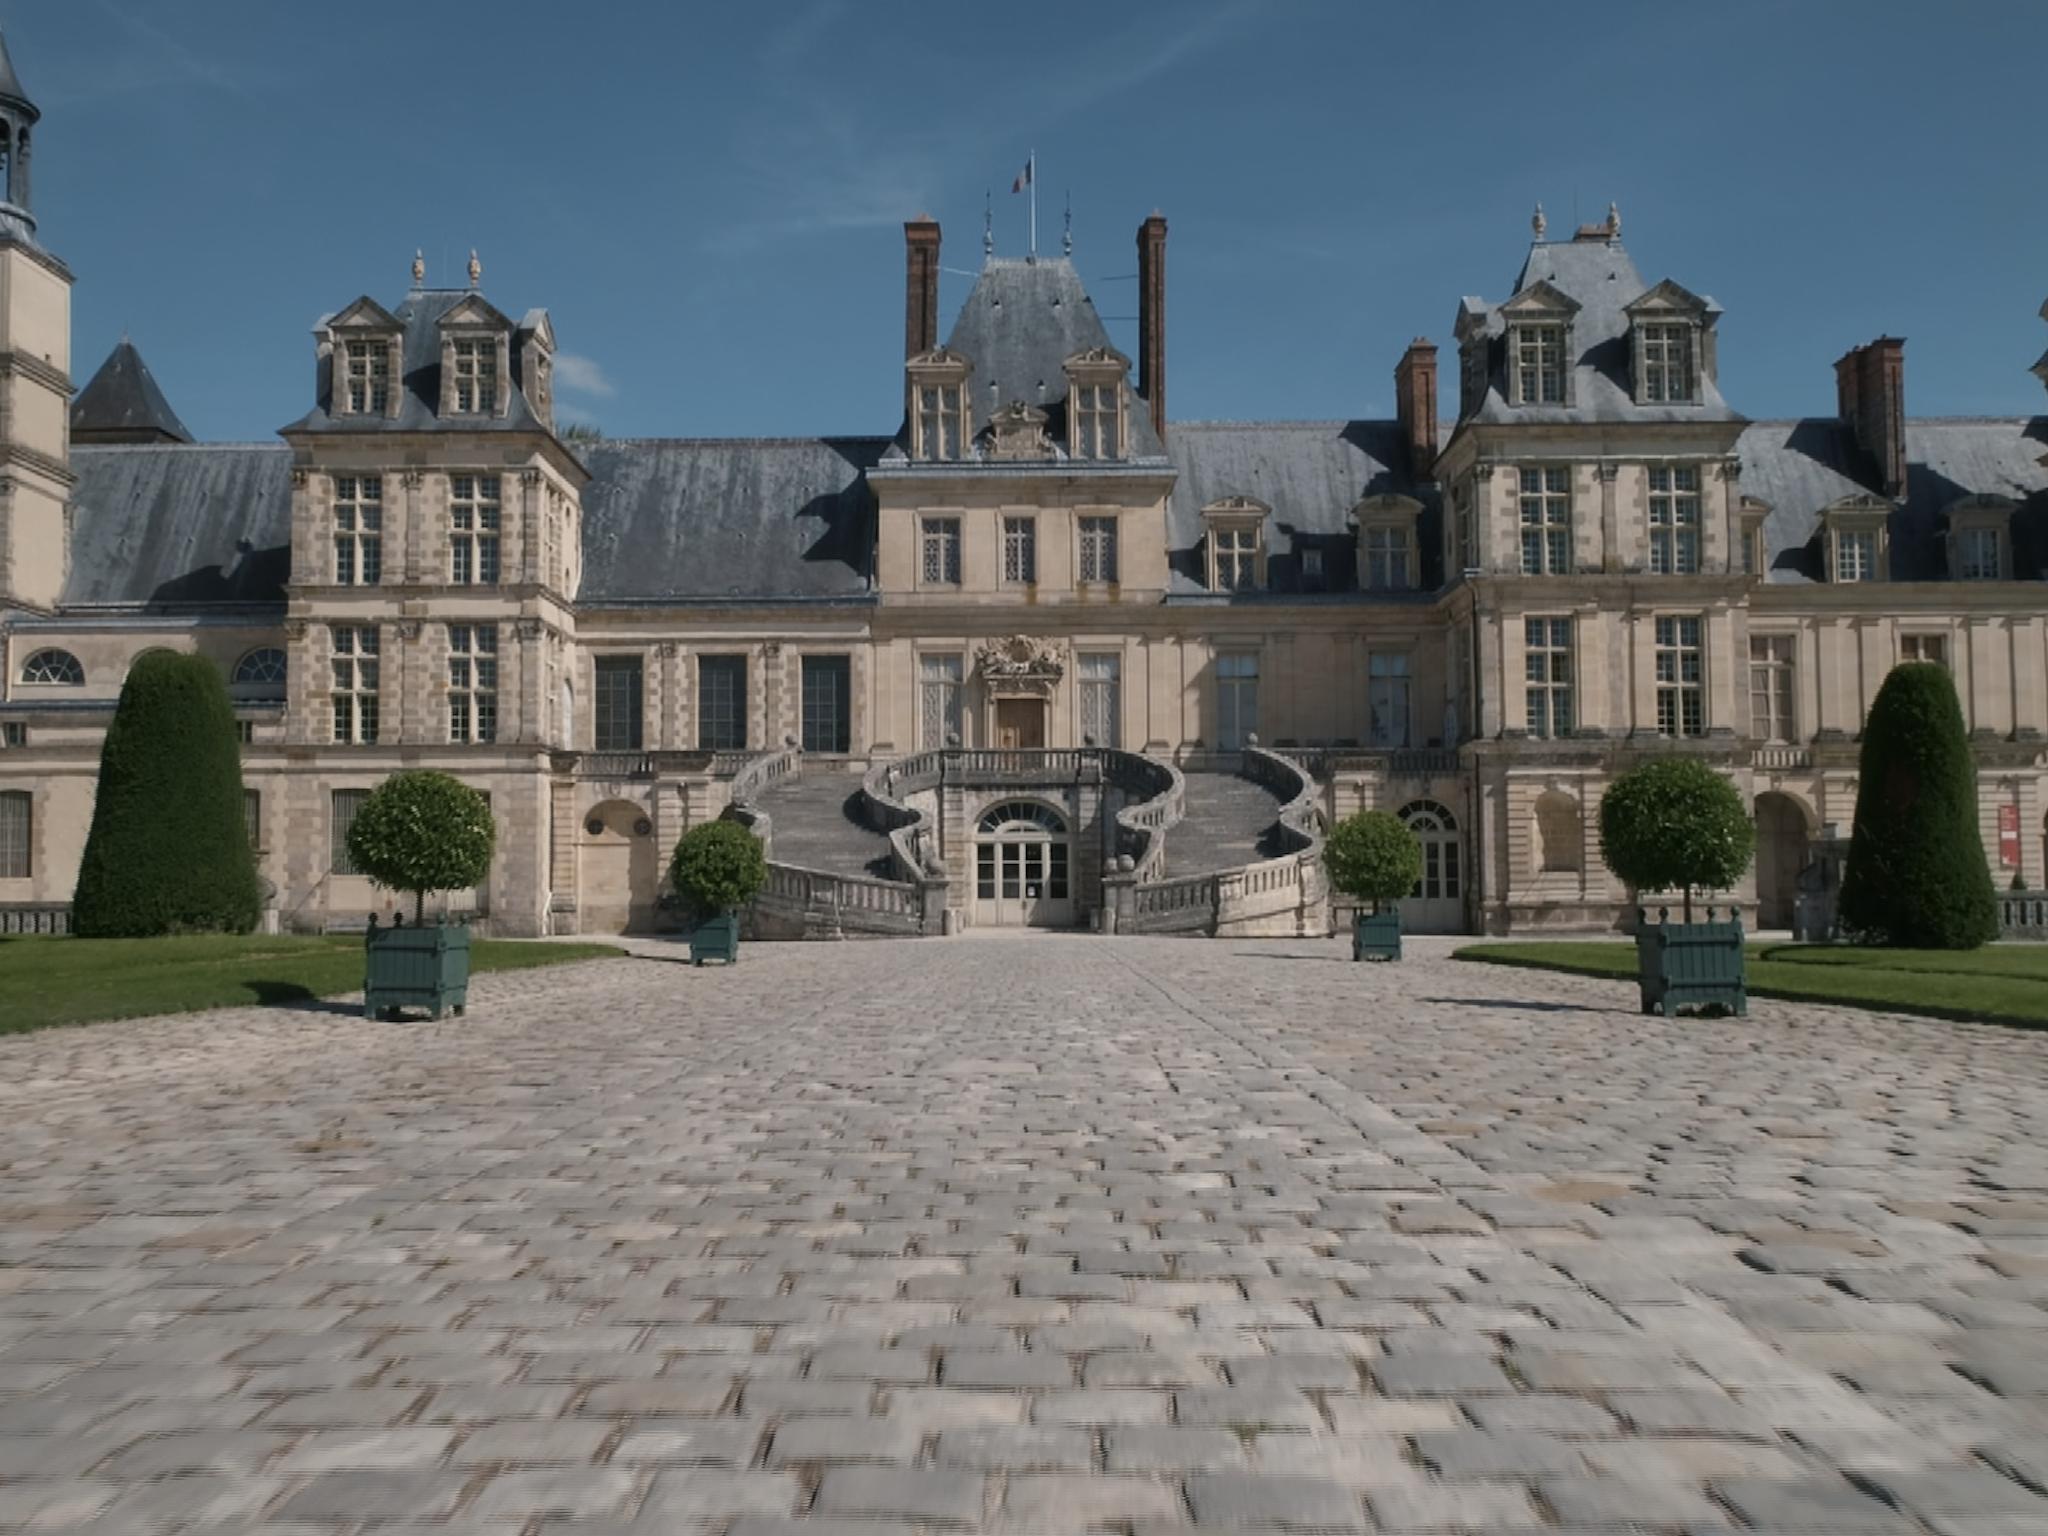 Fontainebleau : a royal megastructure